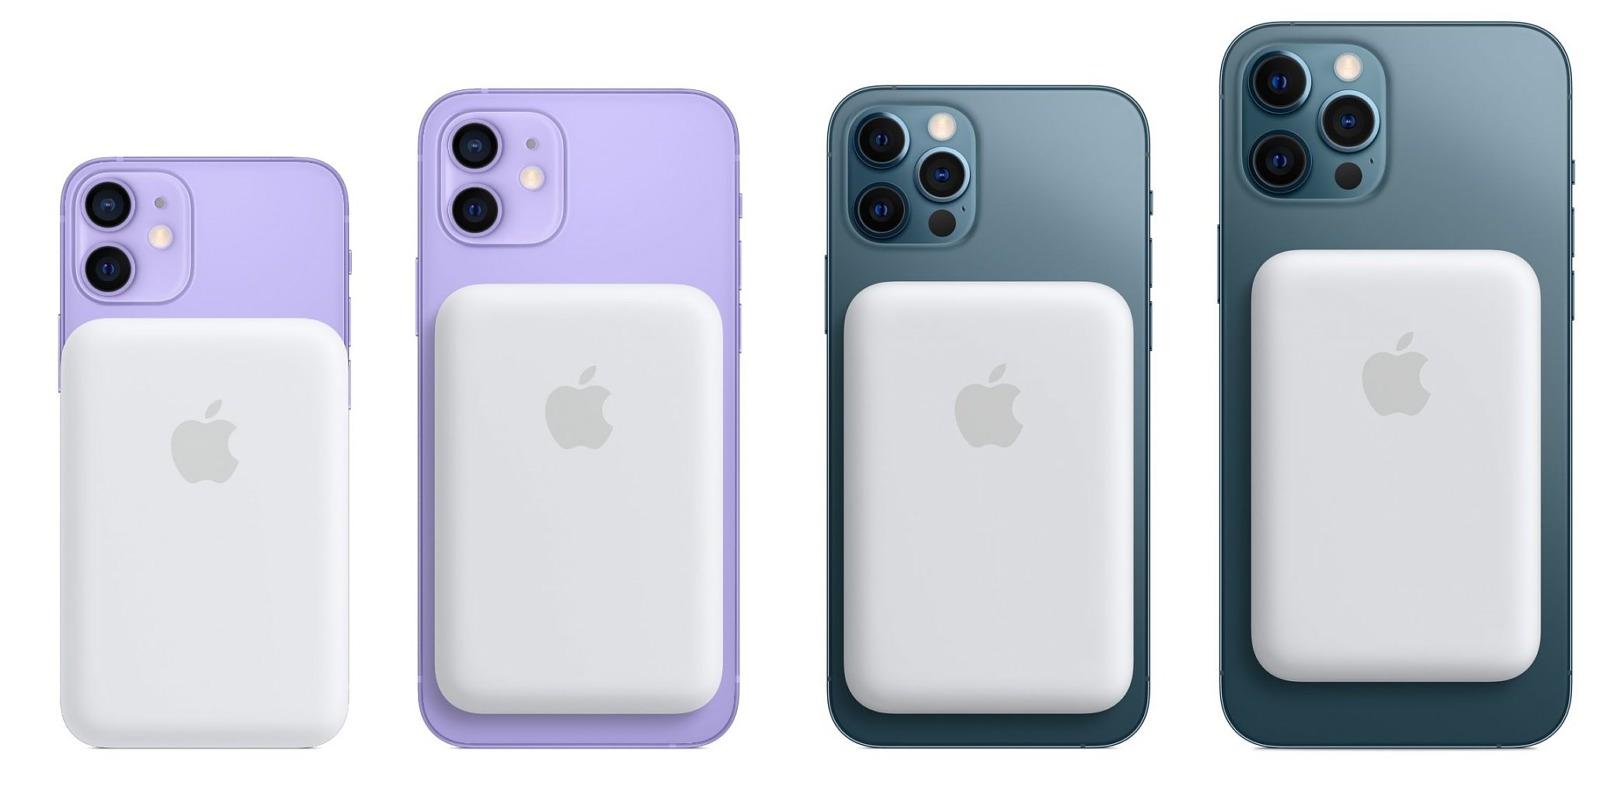 اپل باتری مگ سیف را برای سری آیفون ۱۲ و با قیمت ۹۹ دلار معرفی کرد